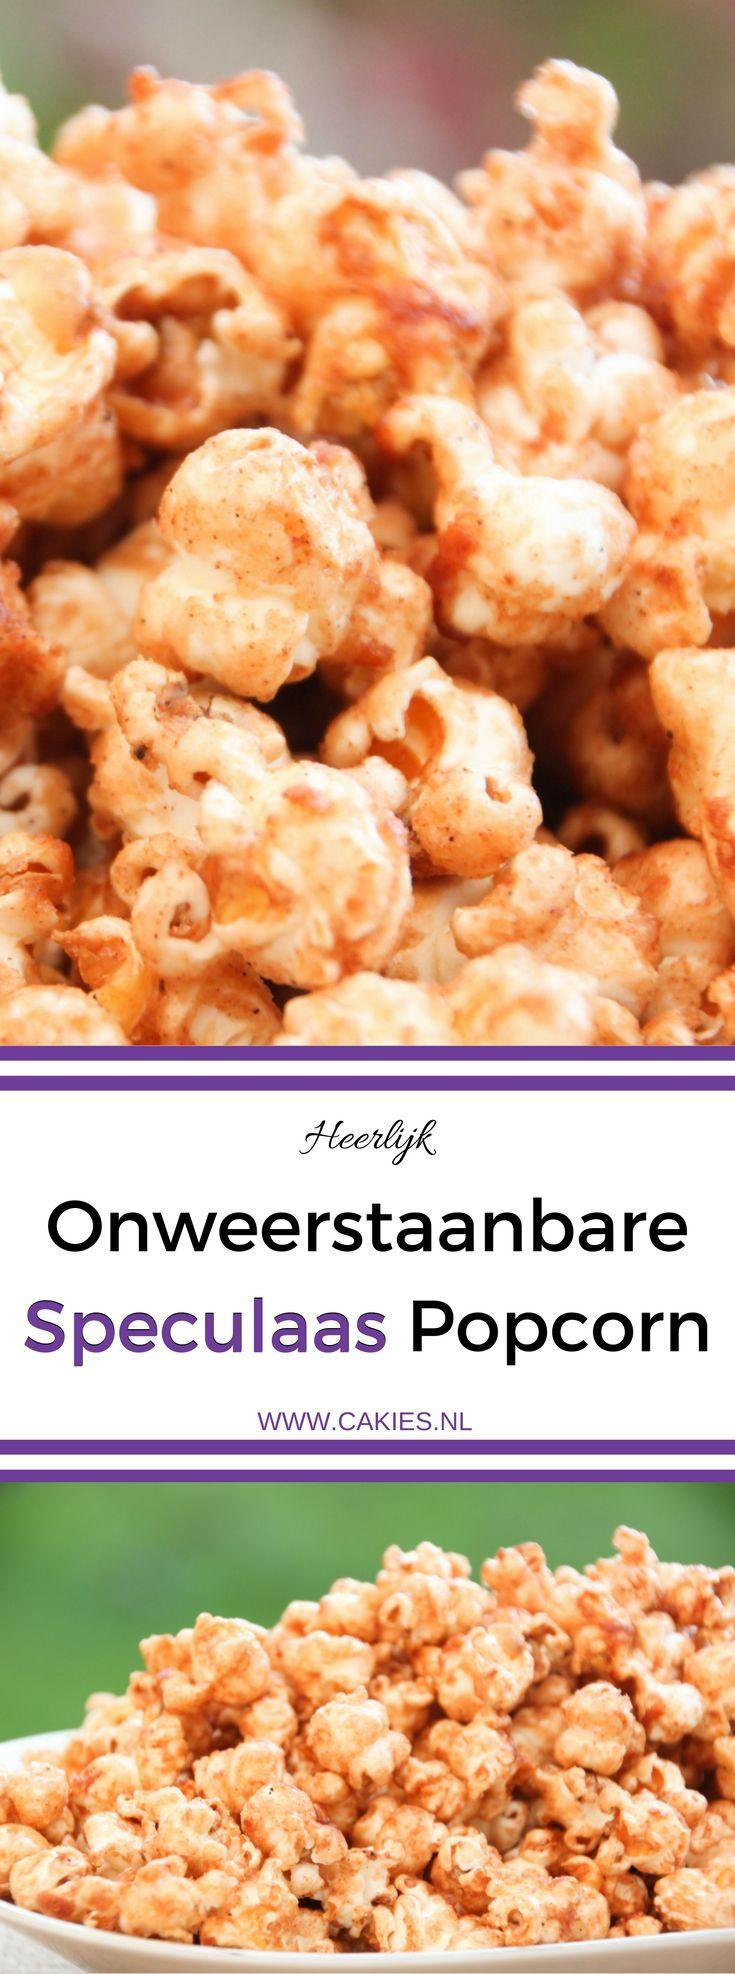 Speculaas Popcorn is de perfecte snack voor de herfst en de winter. Dit recept is super lekker en makkelijk om te maken. Een onweerstaanbare snack.     Een makkelijk Sinterklaas recept. 5 december.